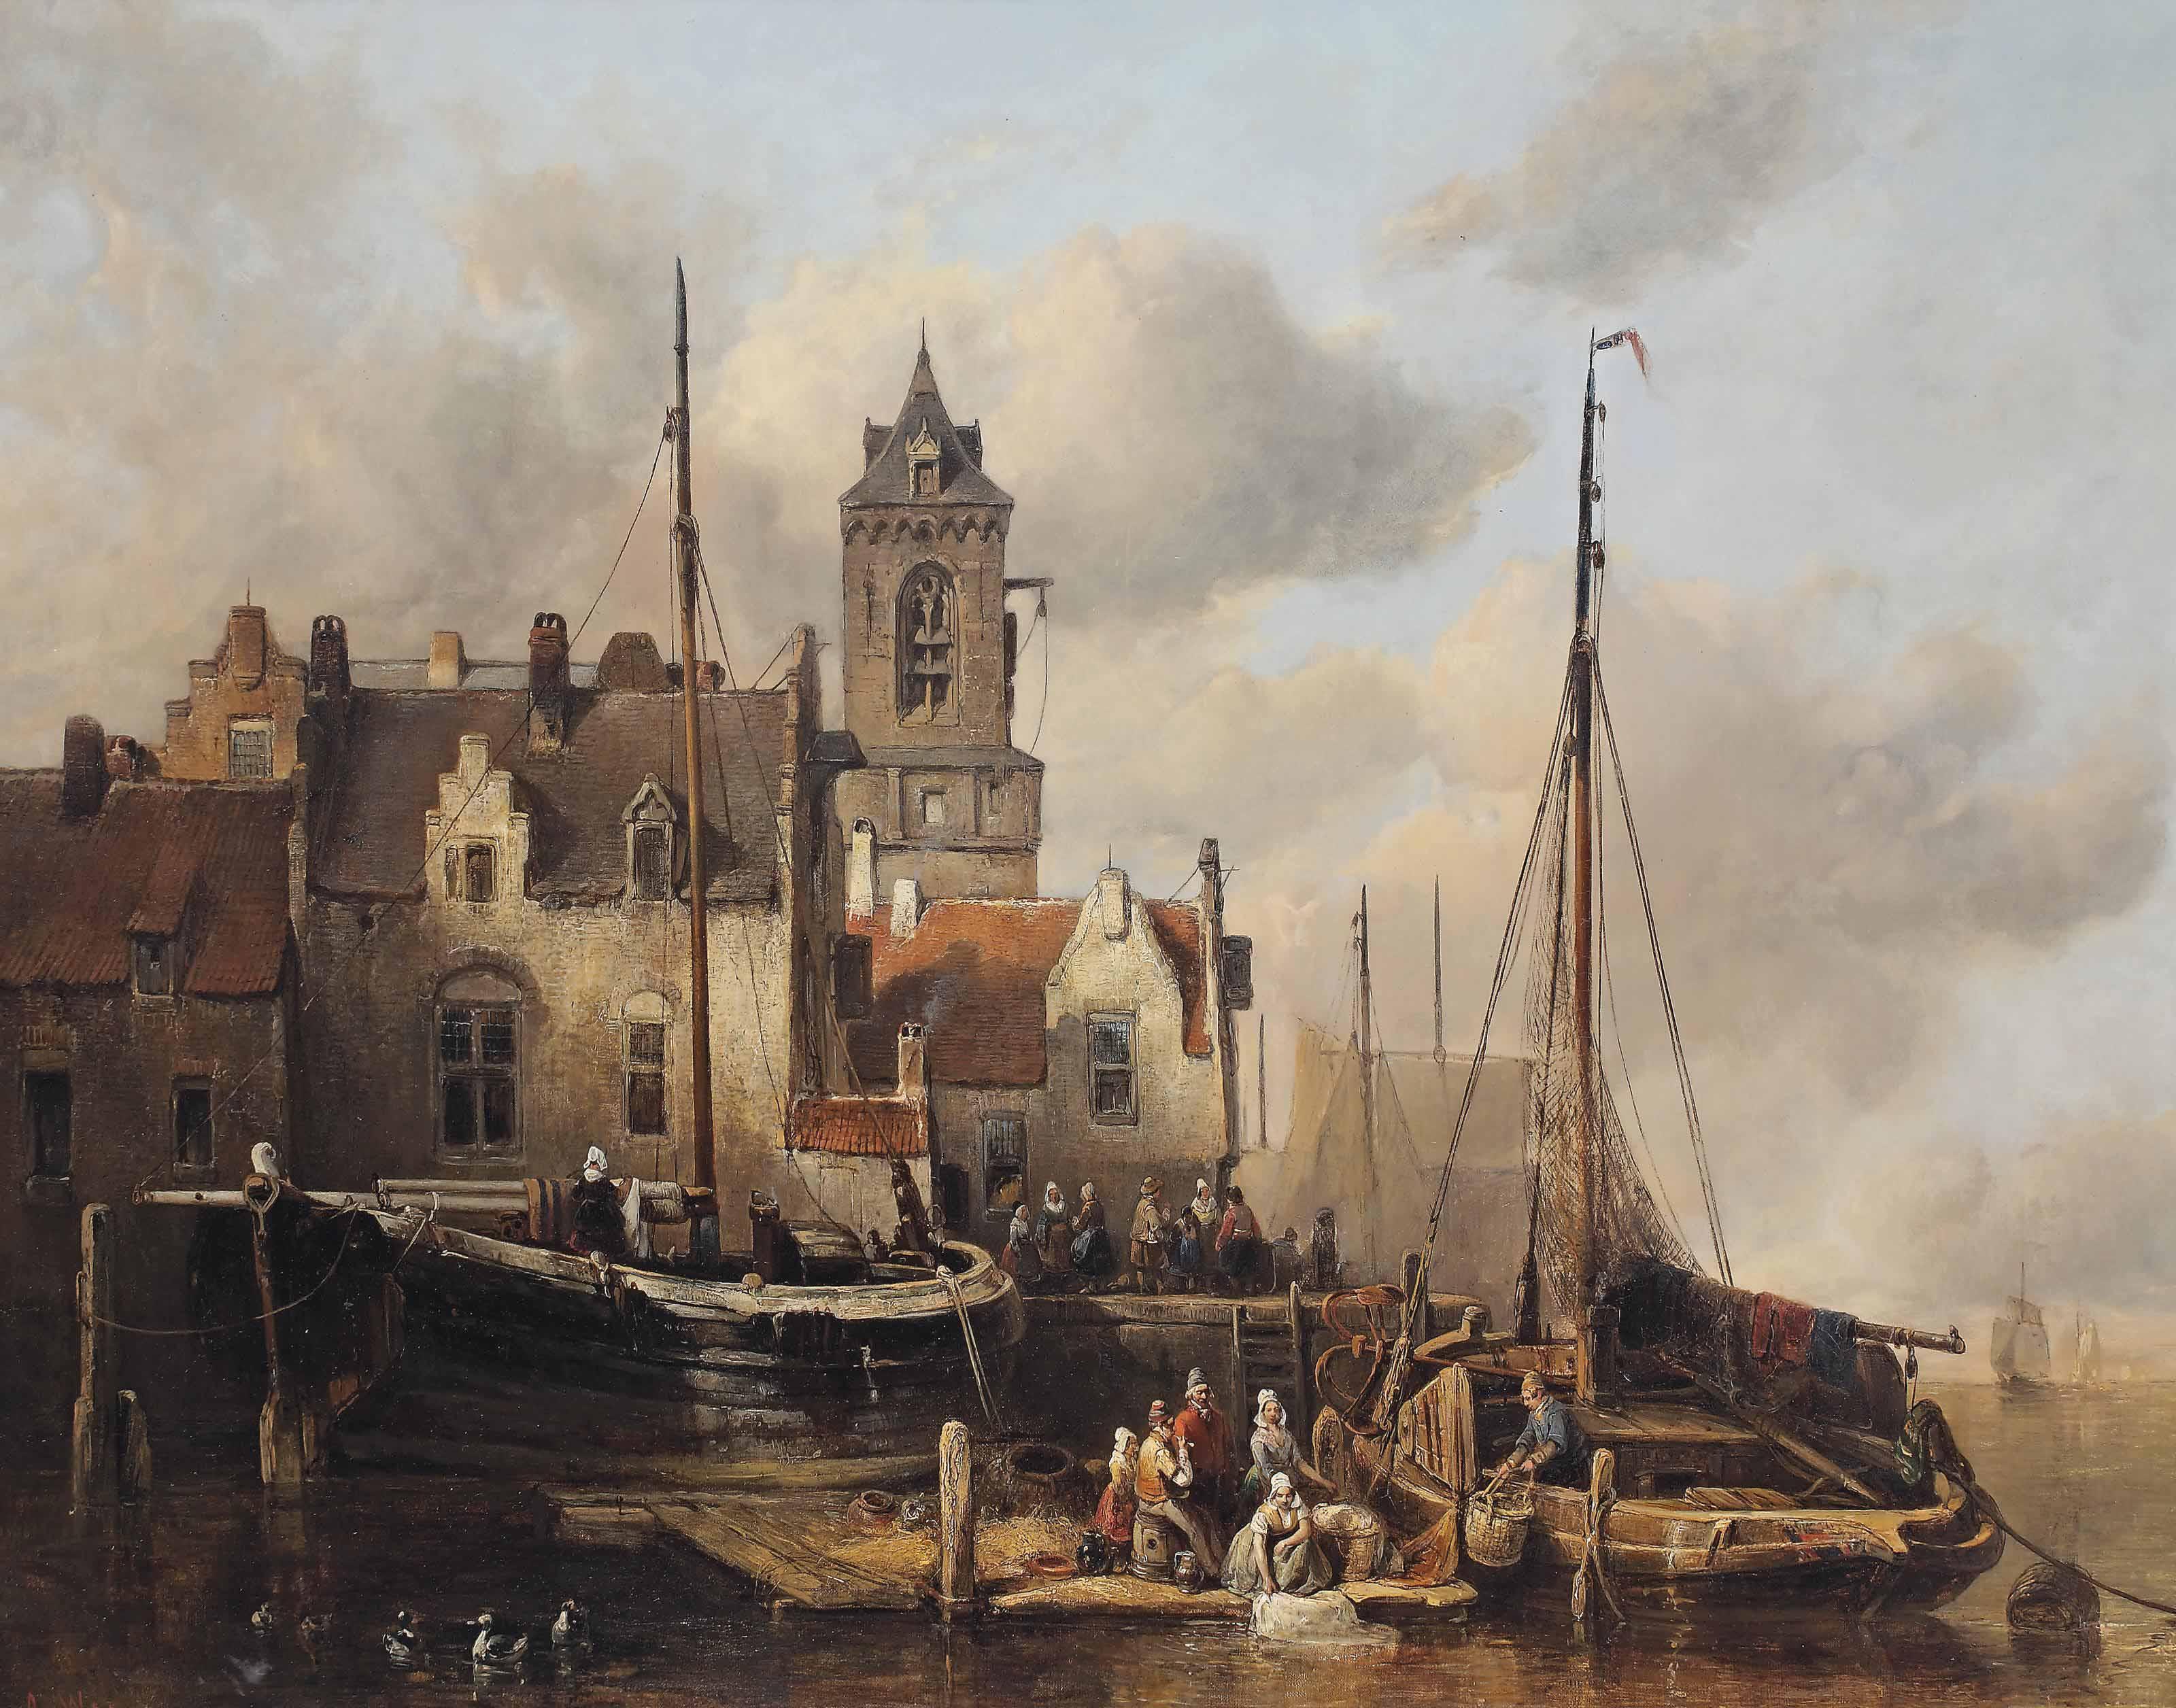 A busy quay in a Dutch town